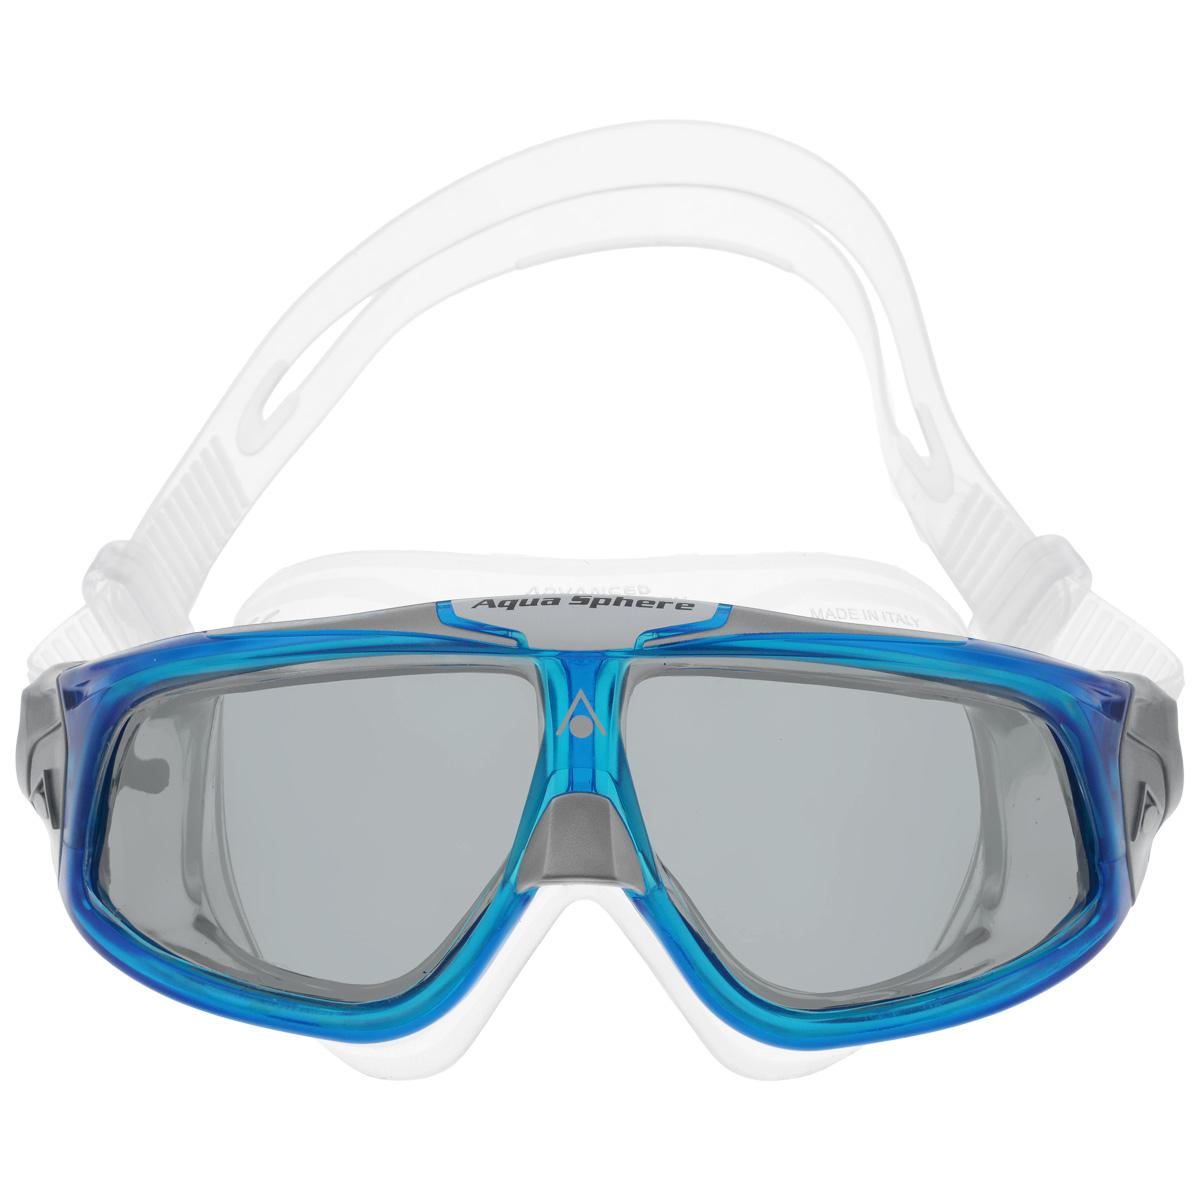 Очки для плавания Aqua Sphere Seal 2.0, цвет: прозрачный, синийTN 175170Aqua Sphere Seal 2.0 являются идеальными очками для тех, кто пользуется контактными линзами, так как они обеспечивают высокий уровень защиты глаз от внешних раздражителей, бактерий, соли и хлора. Особая форма линз обеспечивает панорамный обзор 180°. Очки дают 100% защиту от ультрафиолетового излучения. Специальное покрытие препятствует запотеванию стекол. Материал: силикон, plexisol.